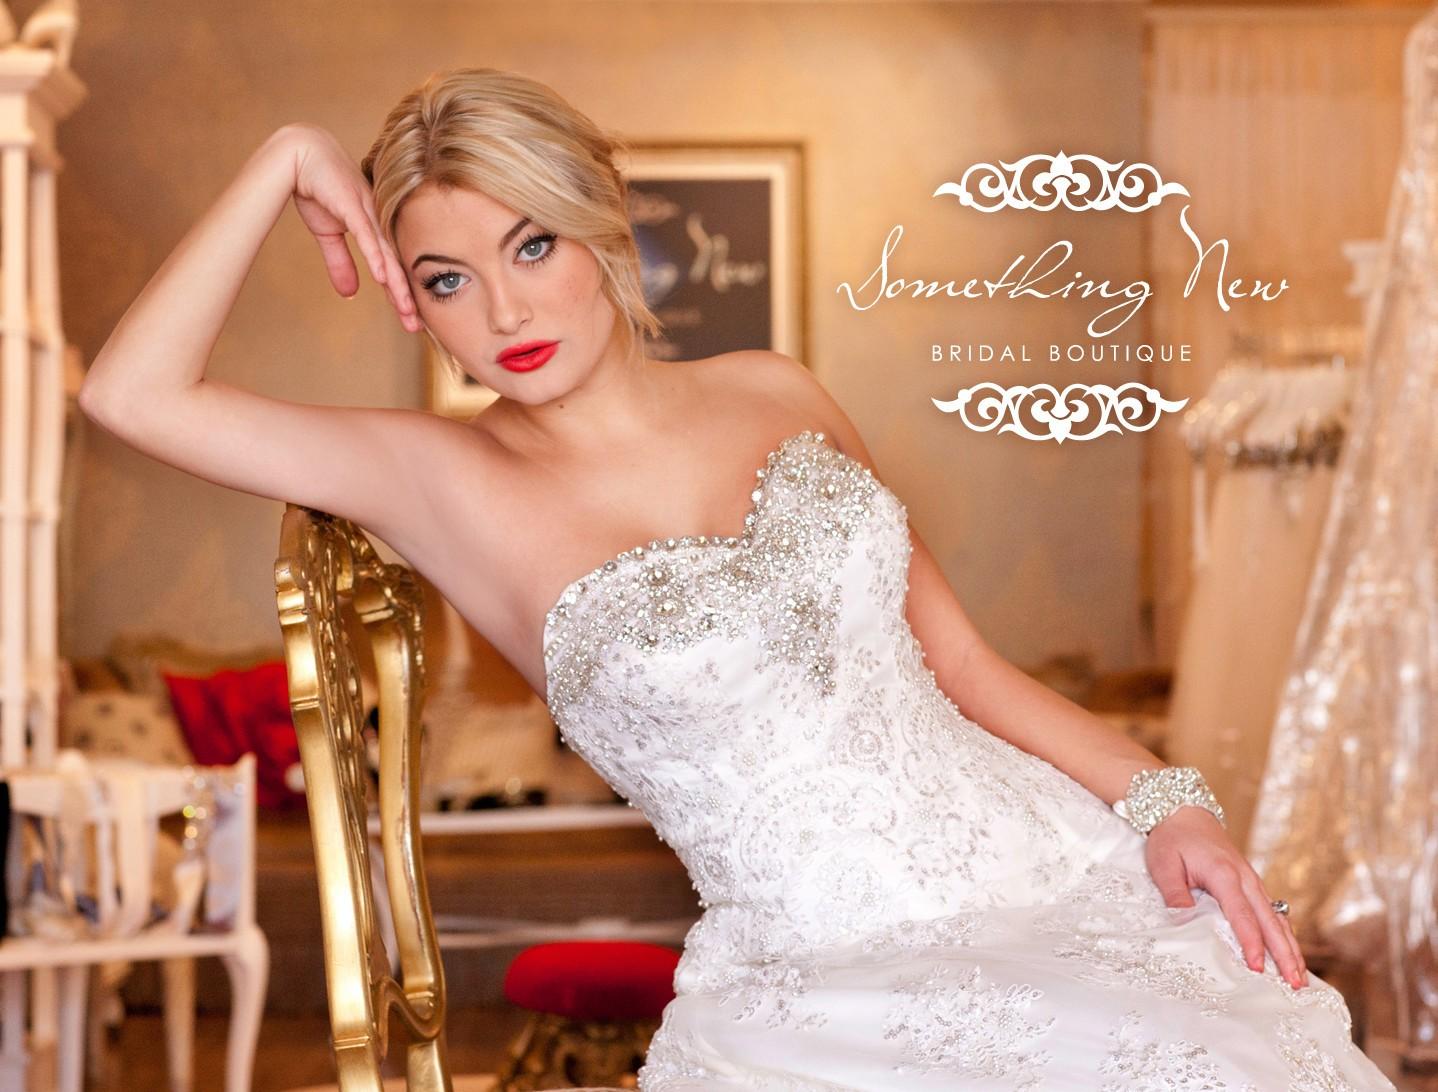 beautiful bride in a dress